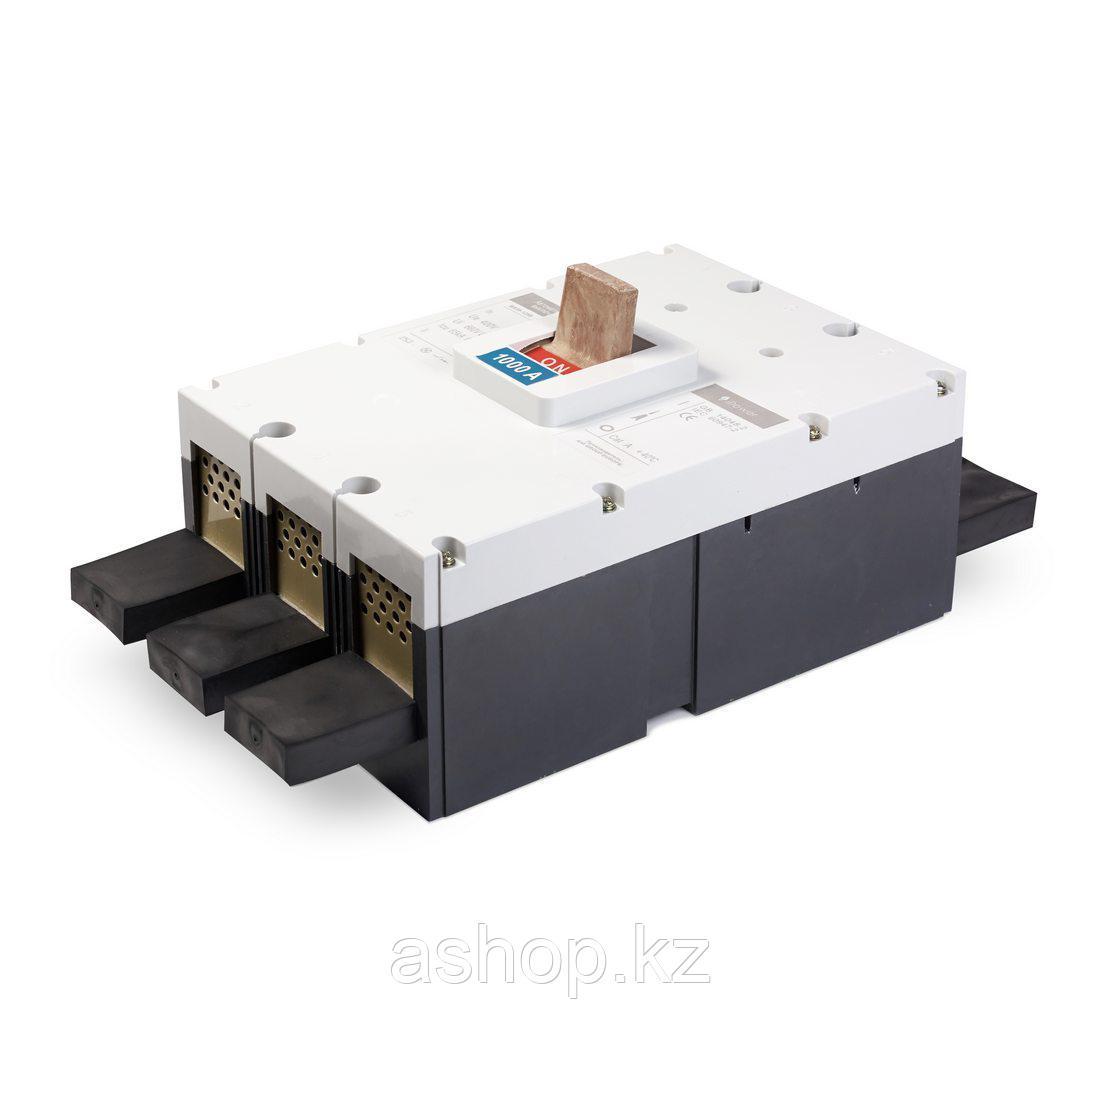 Автоматический выключатель установочный iPower ВА59-1600 3P 1600А, 380/660 В, Кол-во полюсов: 3, Предел отключ